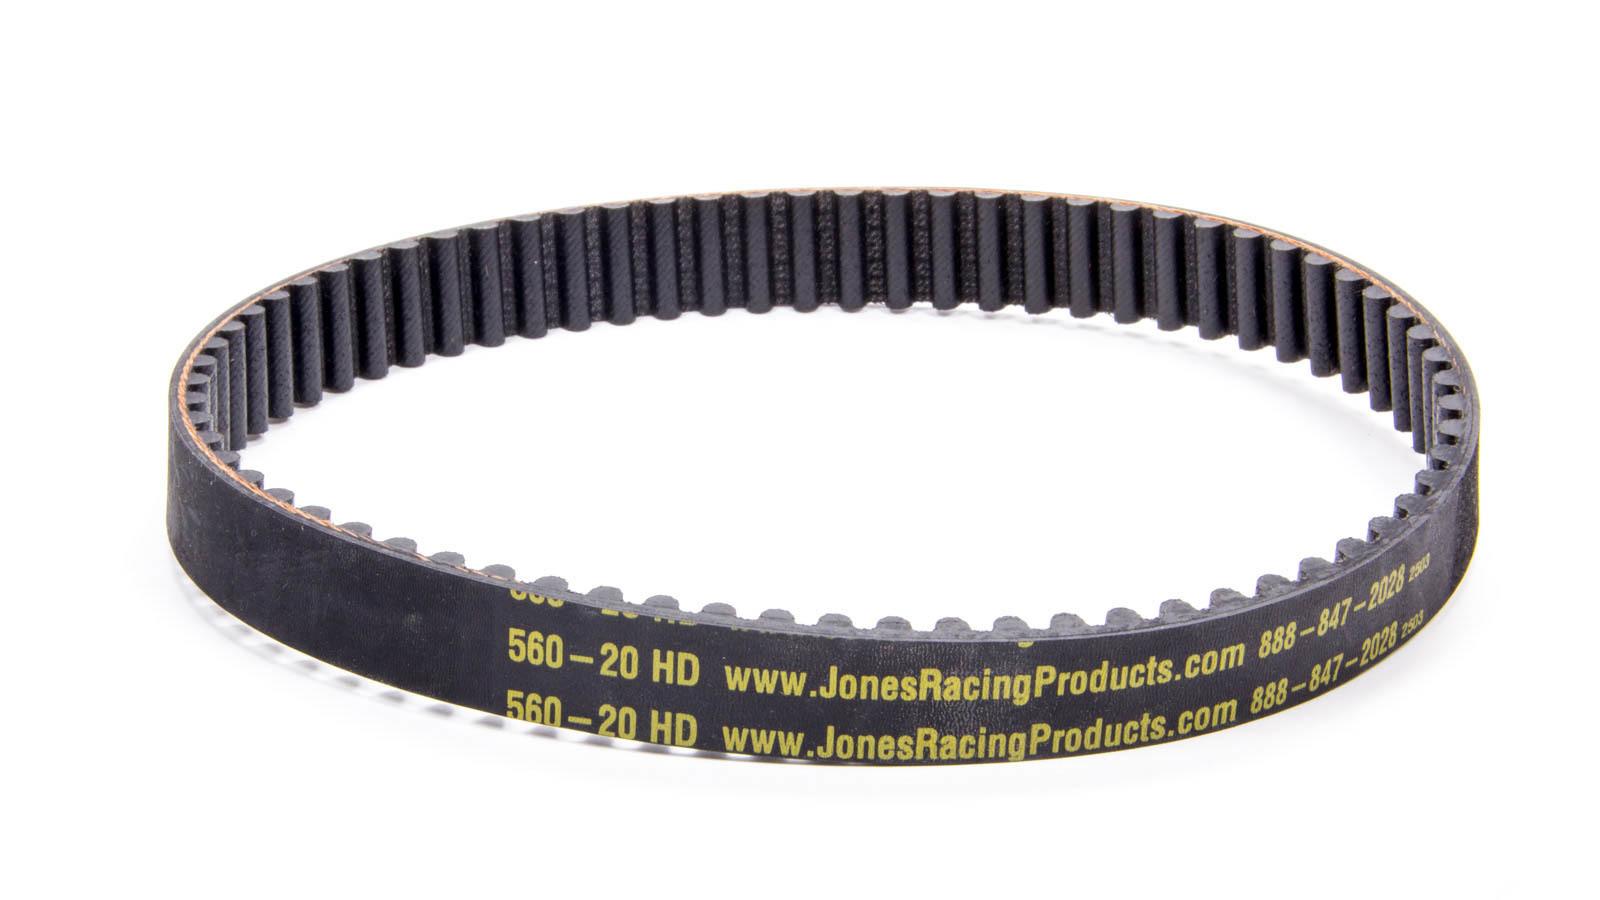 HTD Belt 33.071in Long 20mm Wide